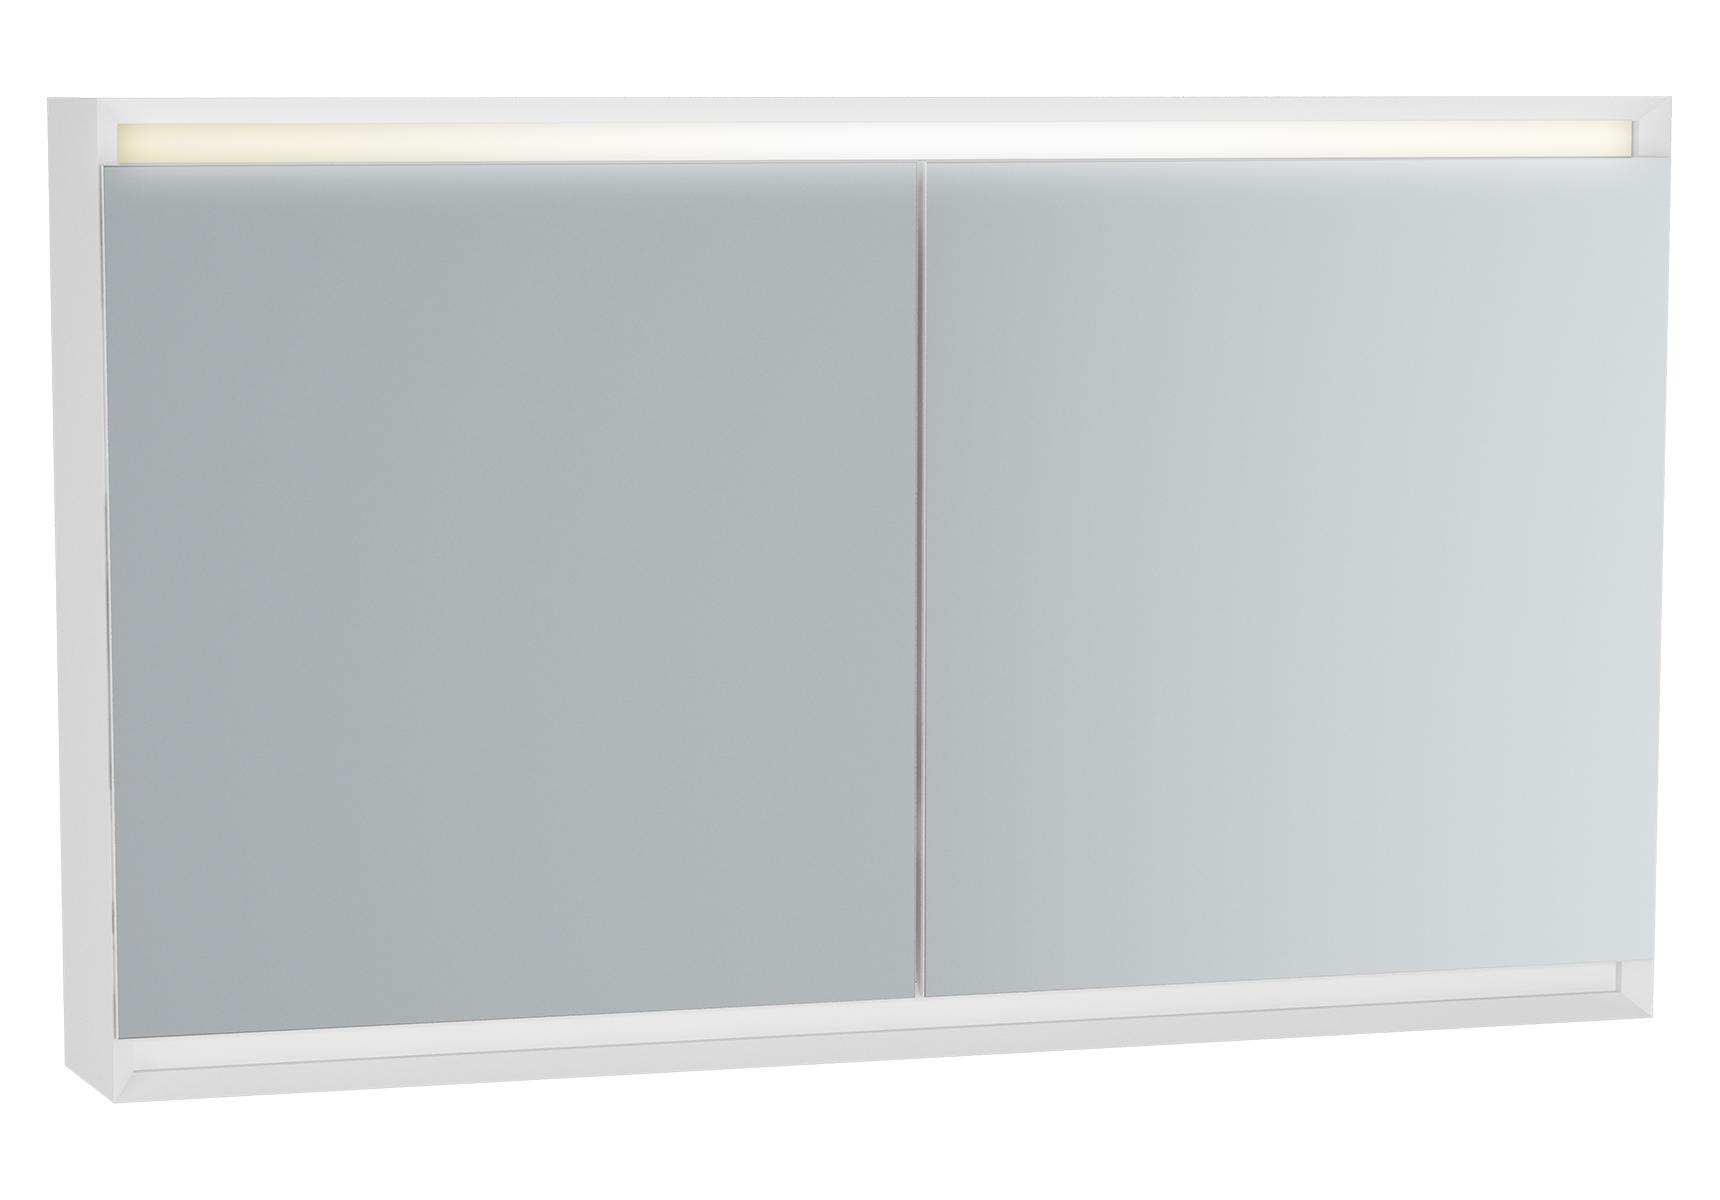 Frame armoire de toilette, 120 cm, éclairage LED horizontale, 2 portes, mat blanc